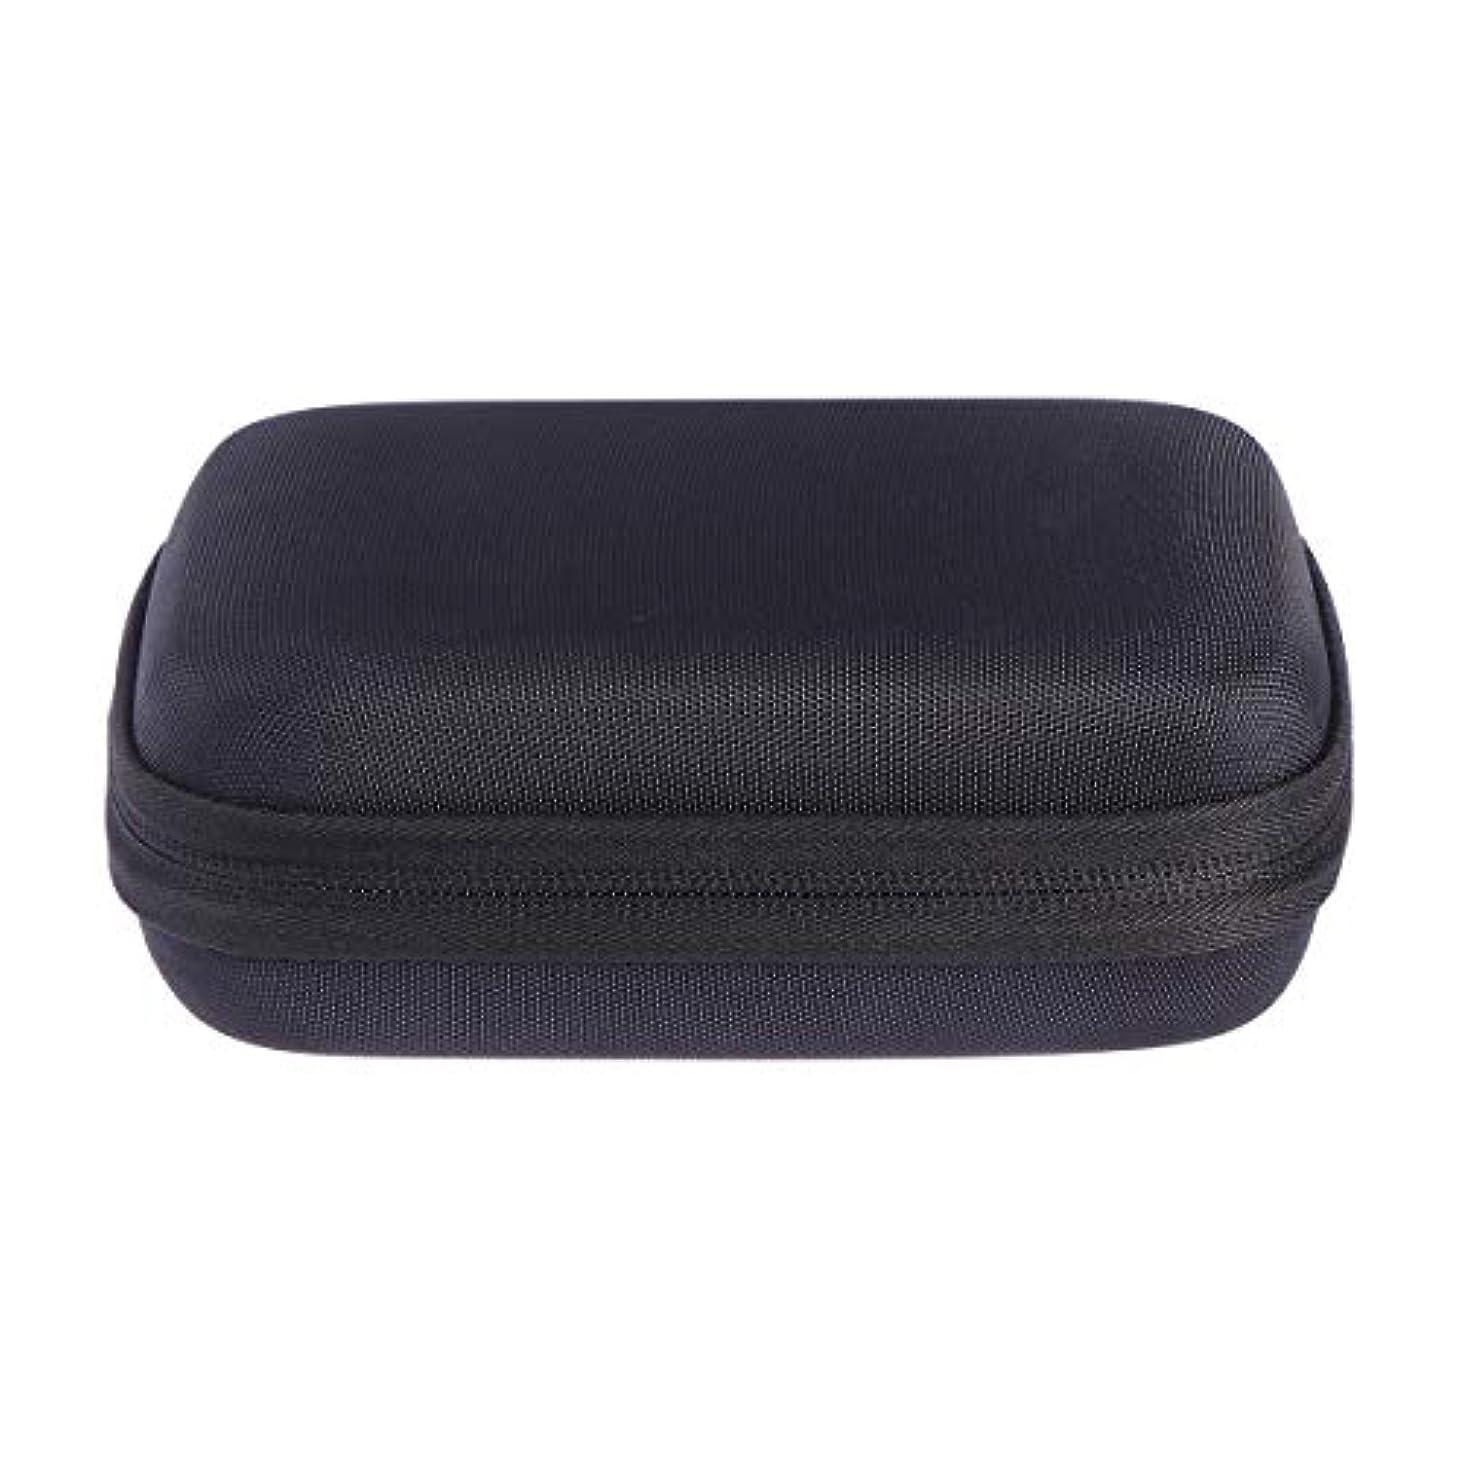 カカドゥ高潔なインフレーションSUPVOX エッセンシャルオイルバッグキャリングケースオーガナイザーローラーボトル収納袋10スロットハードシェルオイルケースホルダー(ブラック)